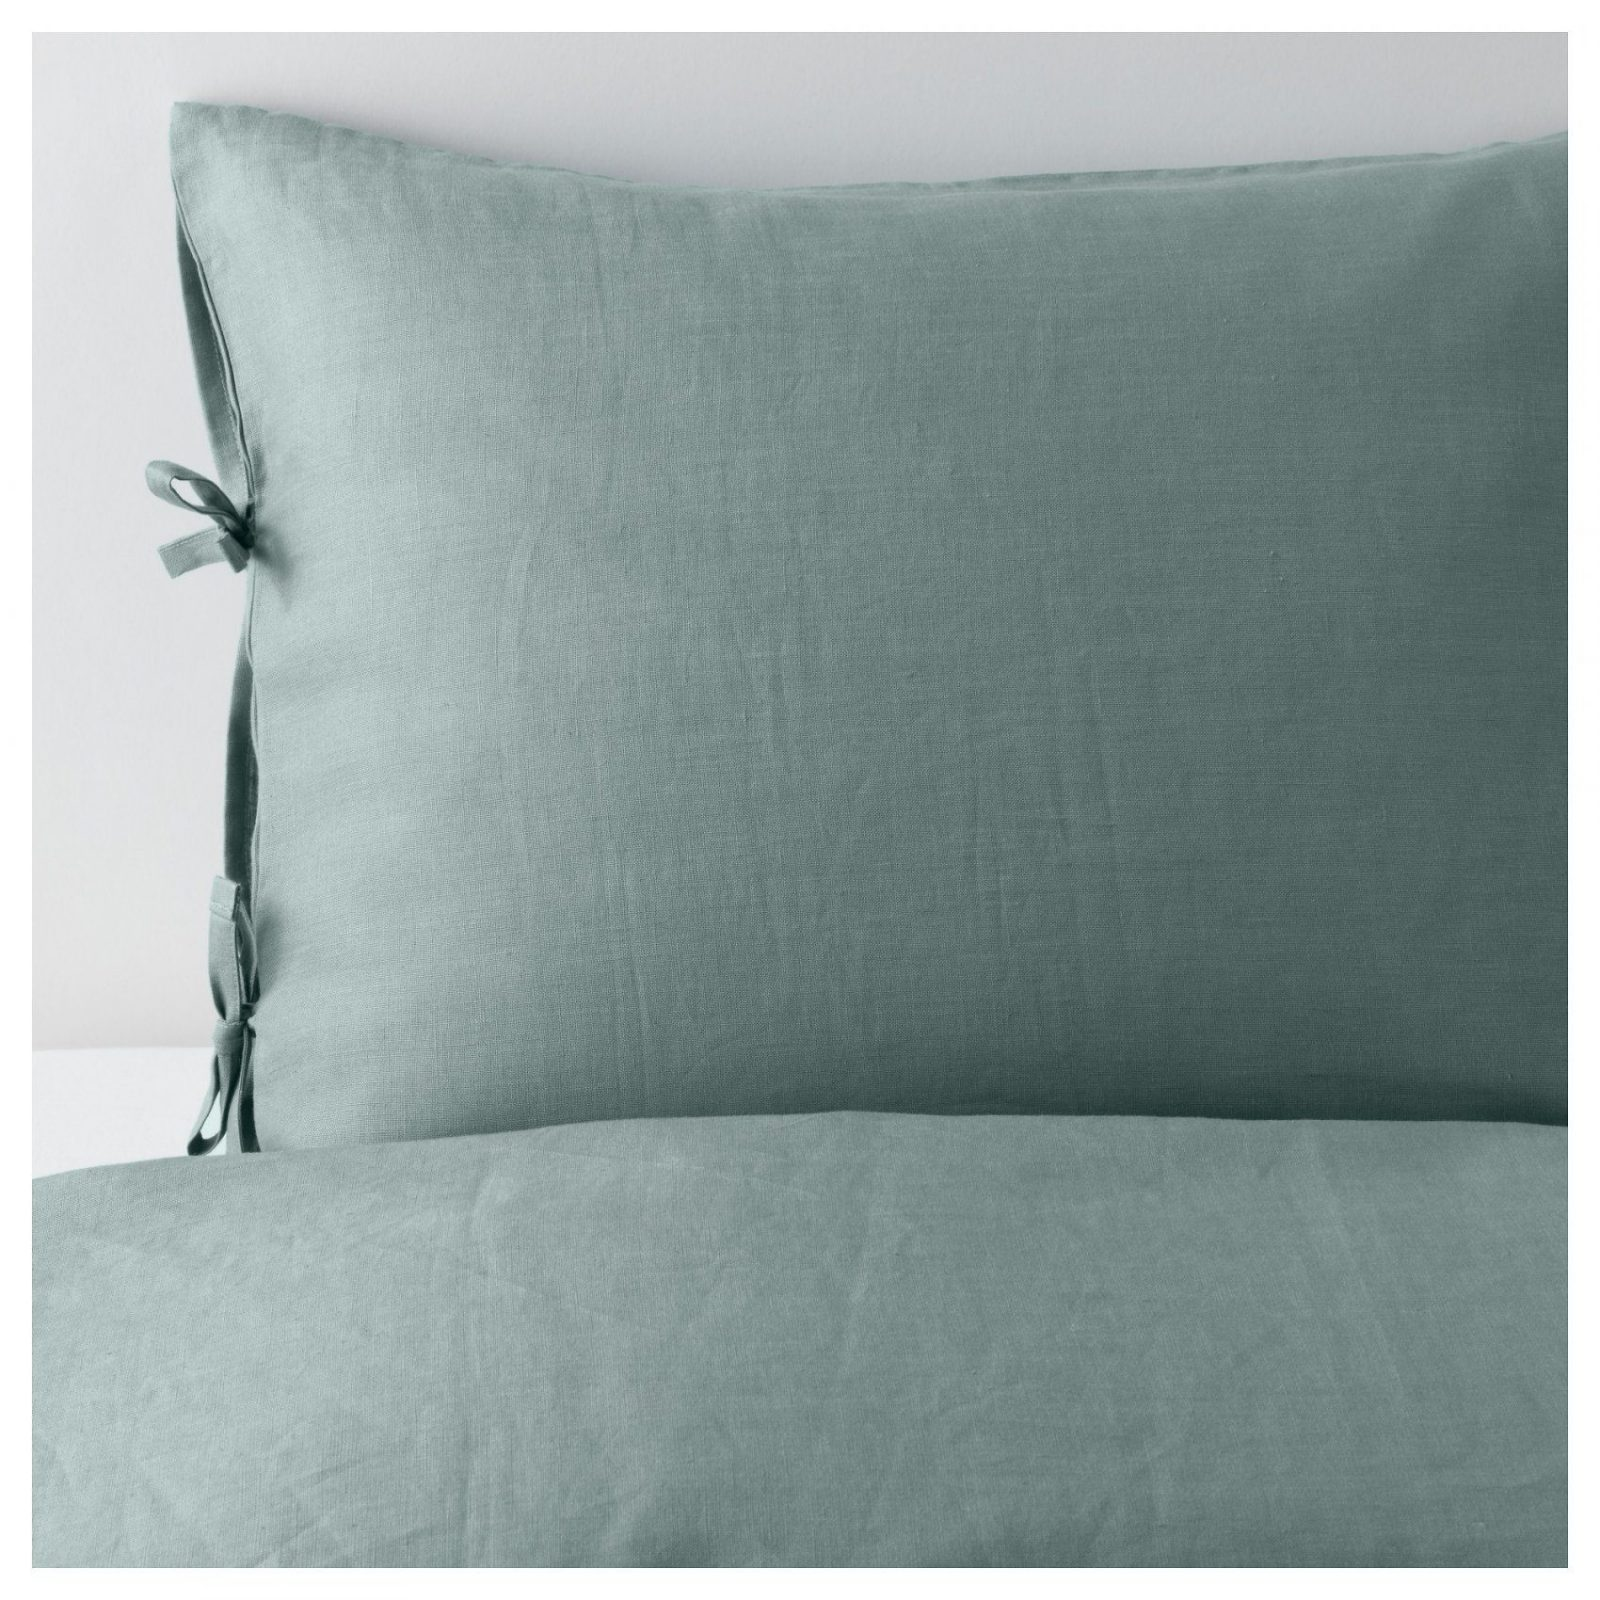 sch n bettw sche g nstig online kaufen ikea zum bettw sche. Black Bedroom Furniture Sets. Home Design Ideas